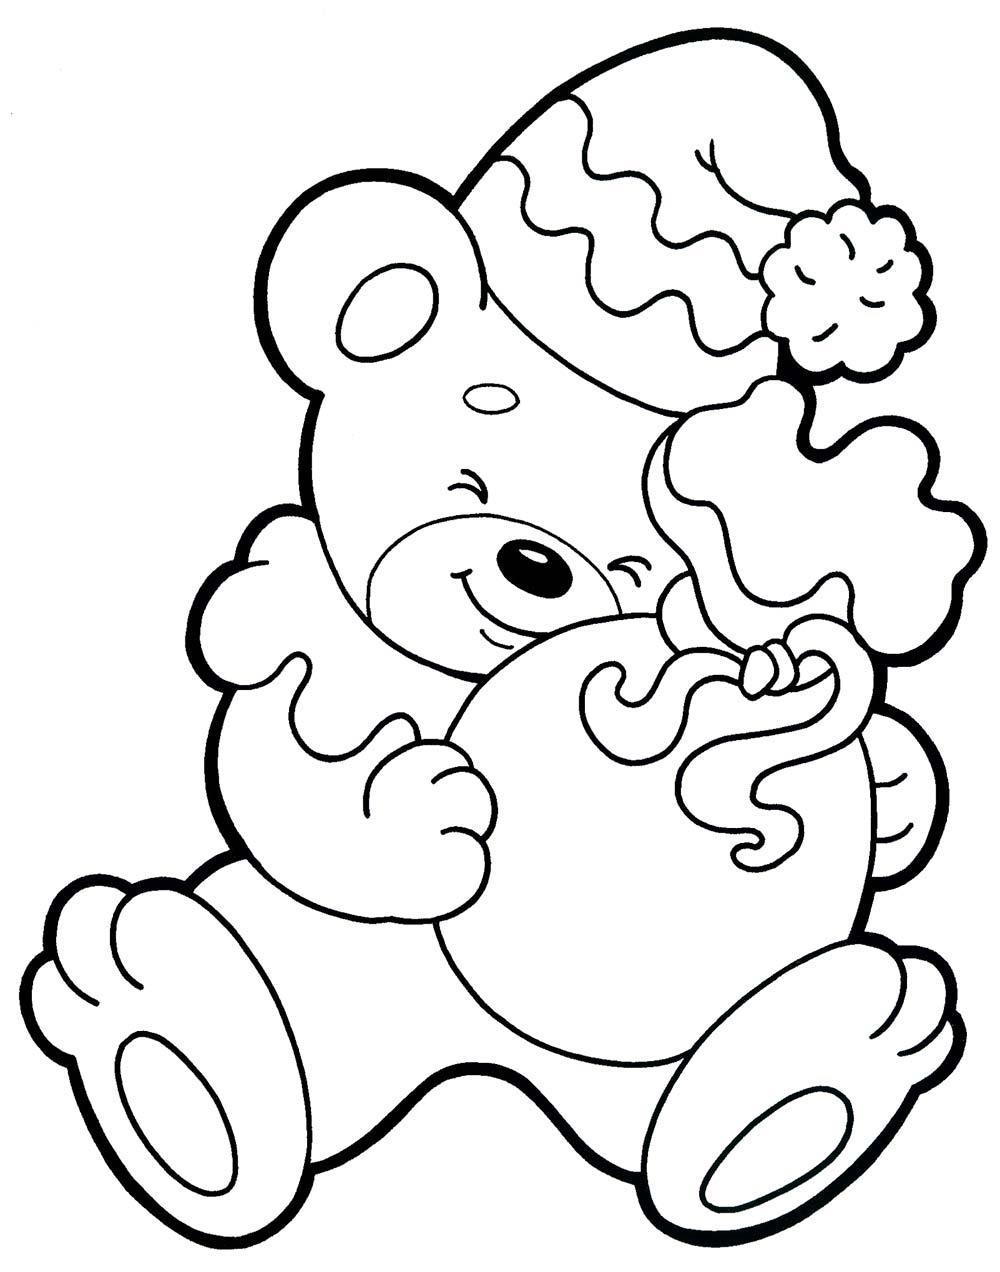 новогодний мишка раскраска